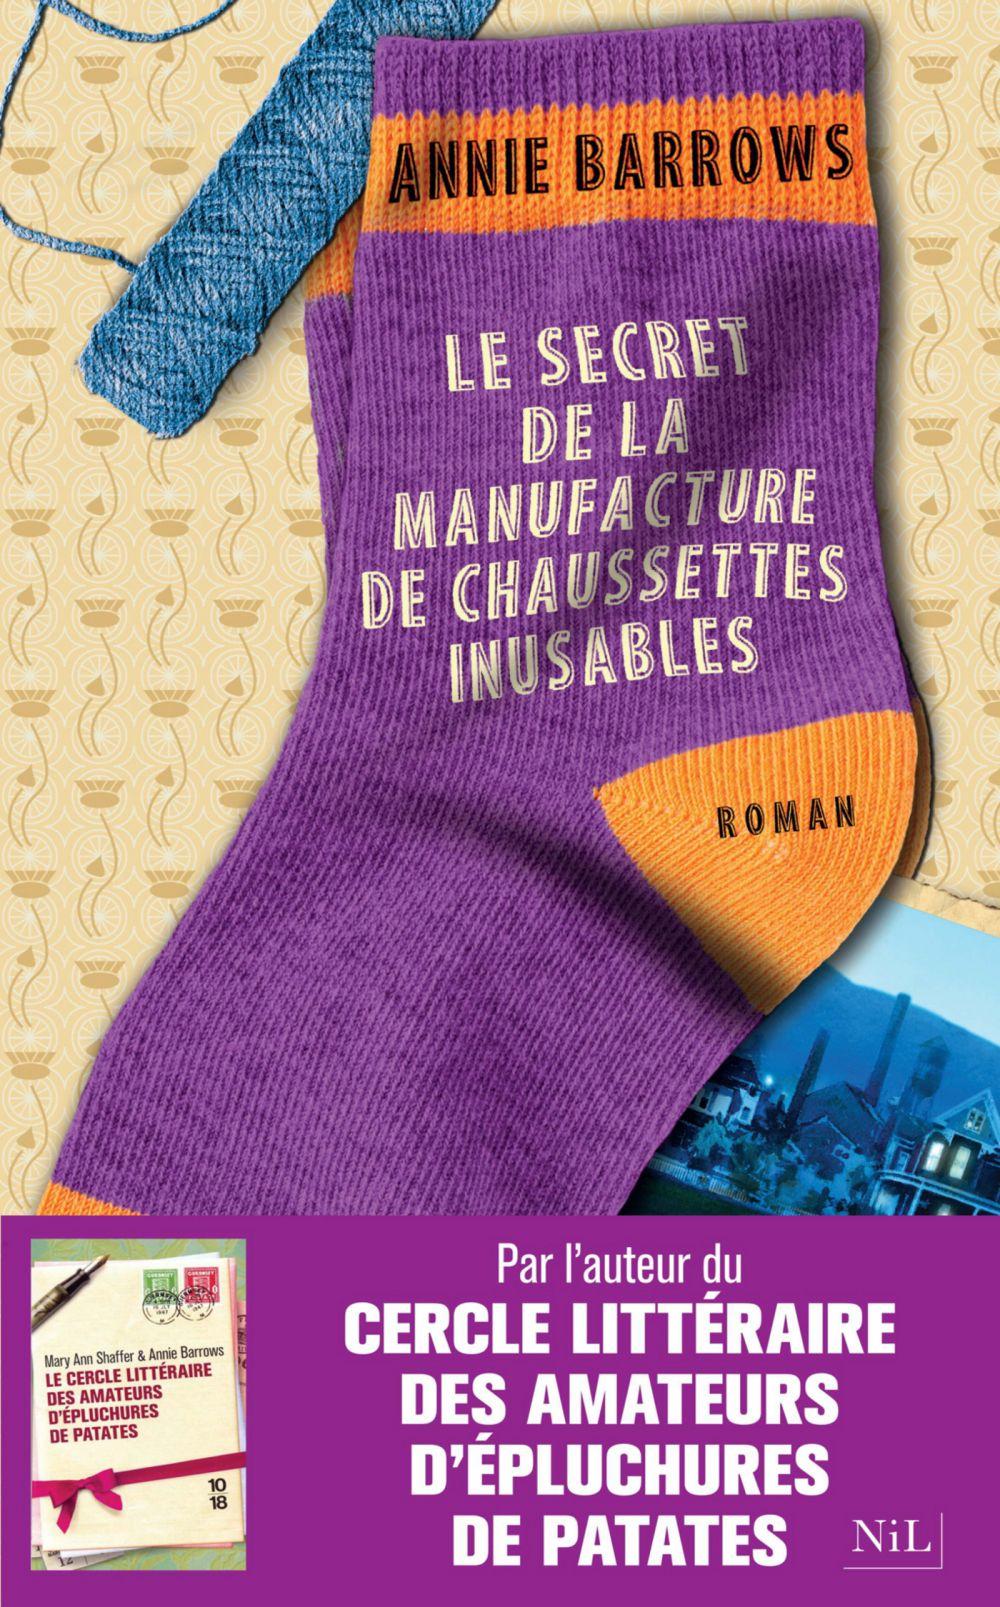 Le Secret de la manufacture de chaussettes inusables   ALLAIN, Claire. Contributeur